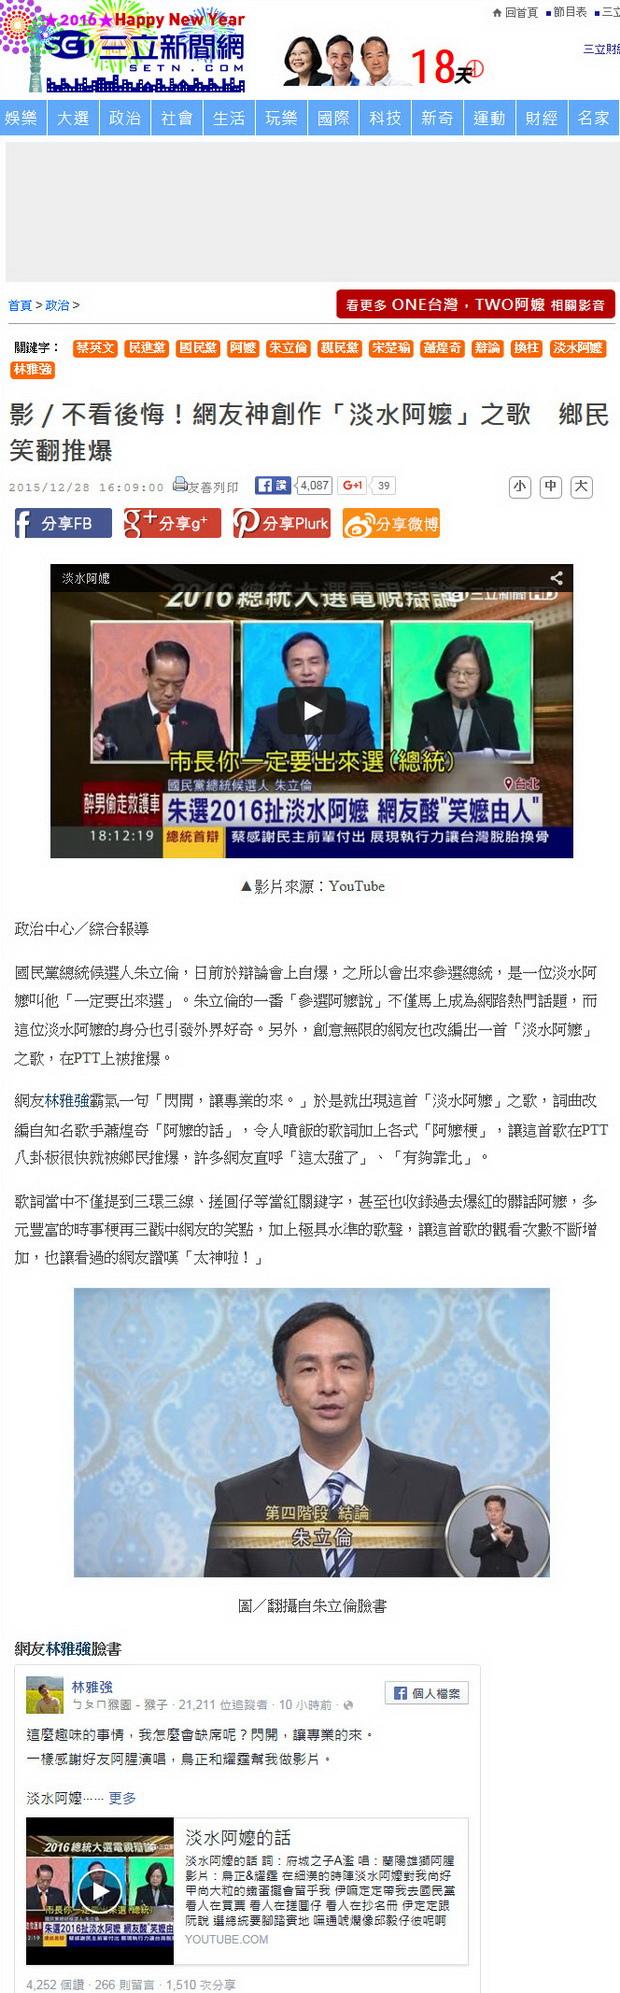 不看後悔!網友神創作「淡水阿嬤」之歌 鄉民笑翻推爆-2015.12.28.jpg